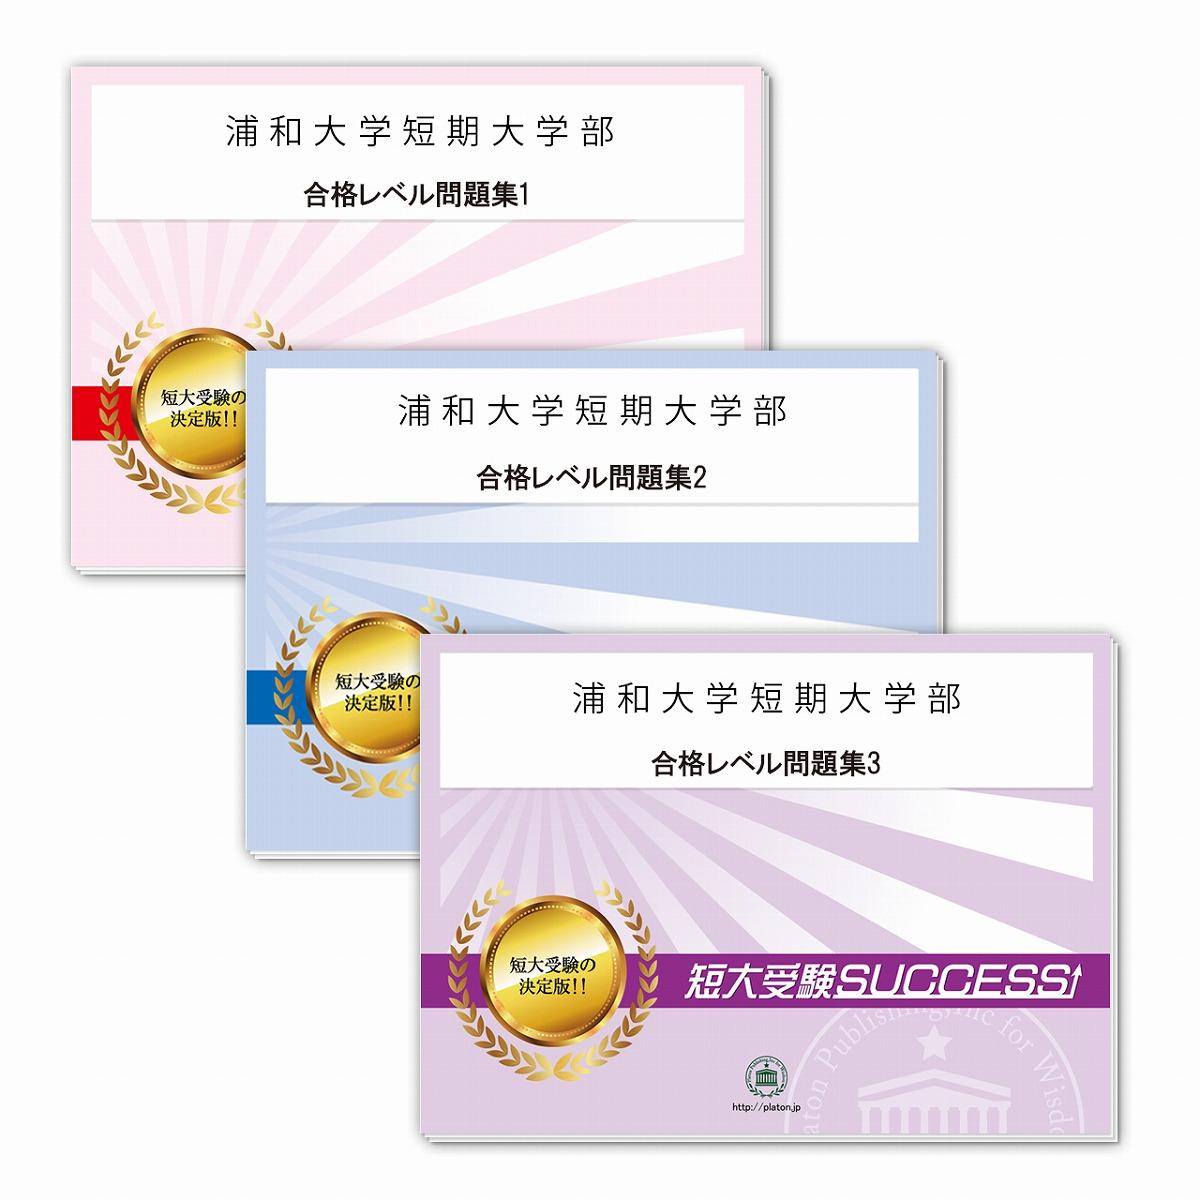 【送料・代引手数料無料】浦和大学短期大学部受験合格セット(3冊)